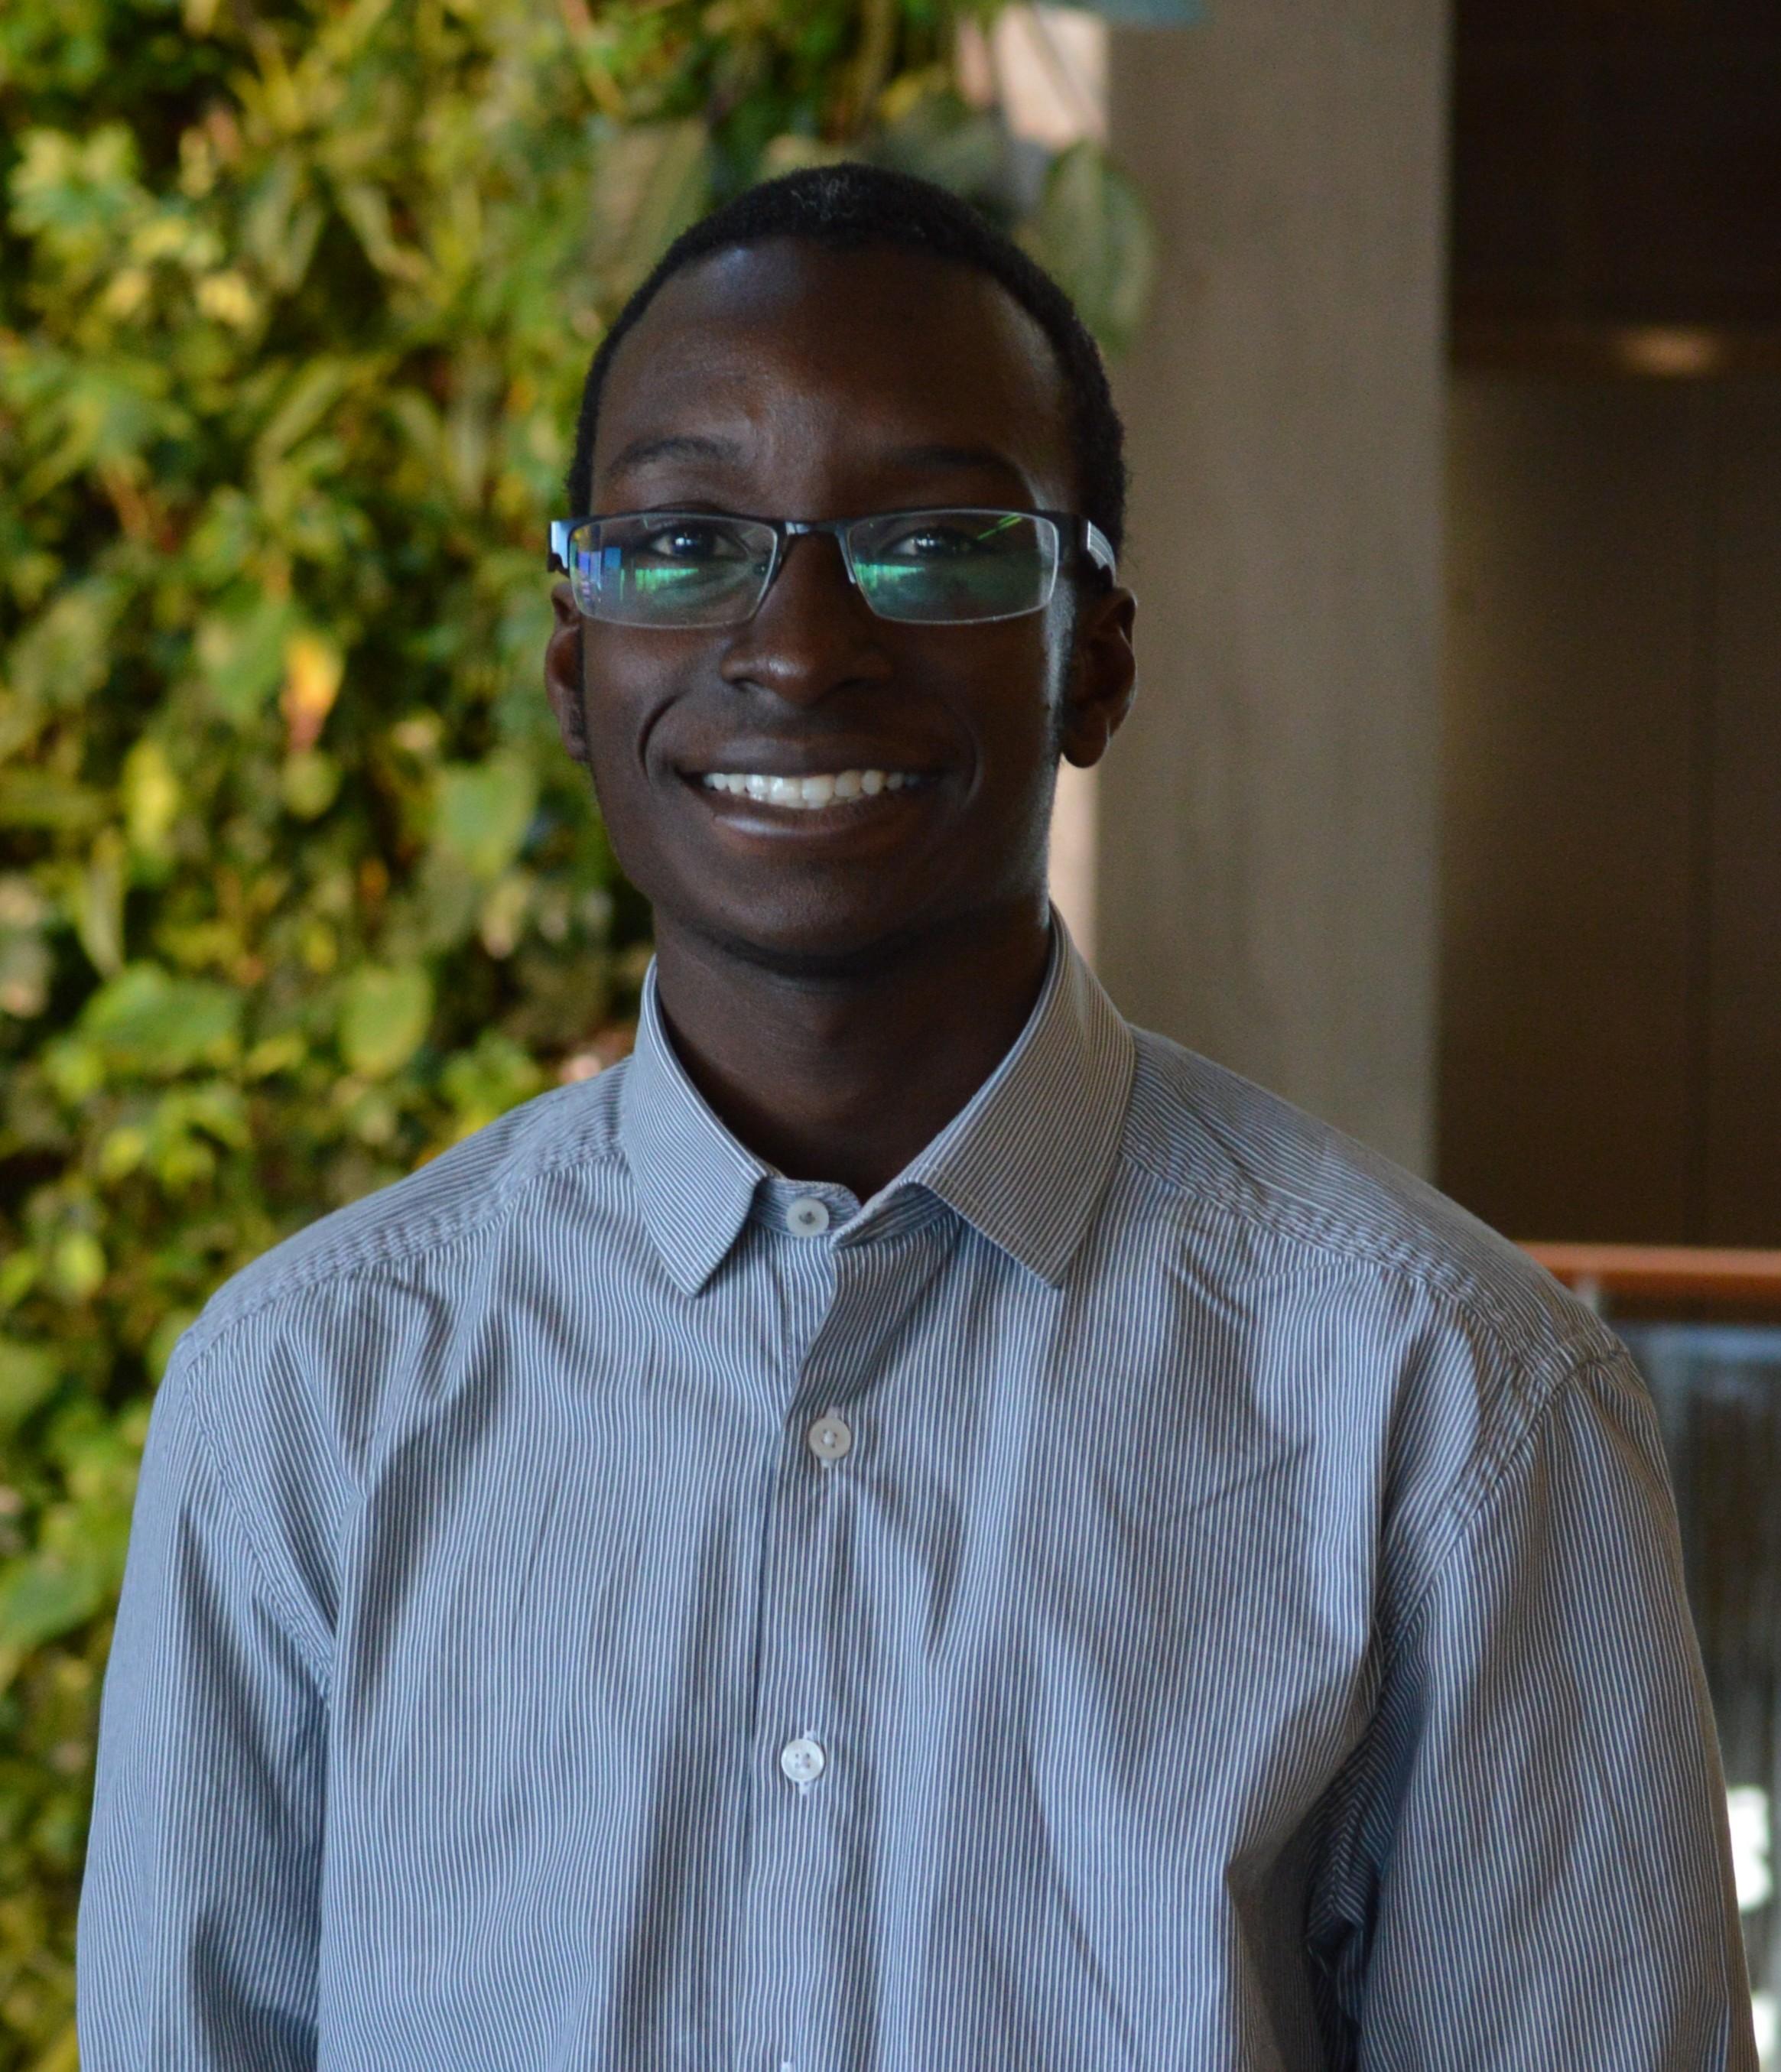 Loic Darboux - Étudiant programme d'entrepreneuriat coop uOttawa RBC